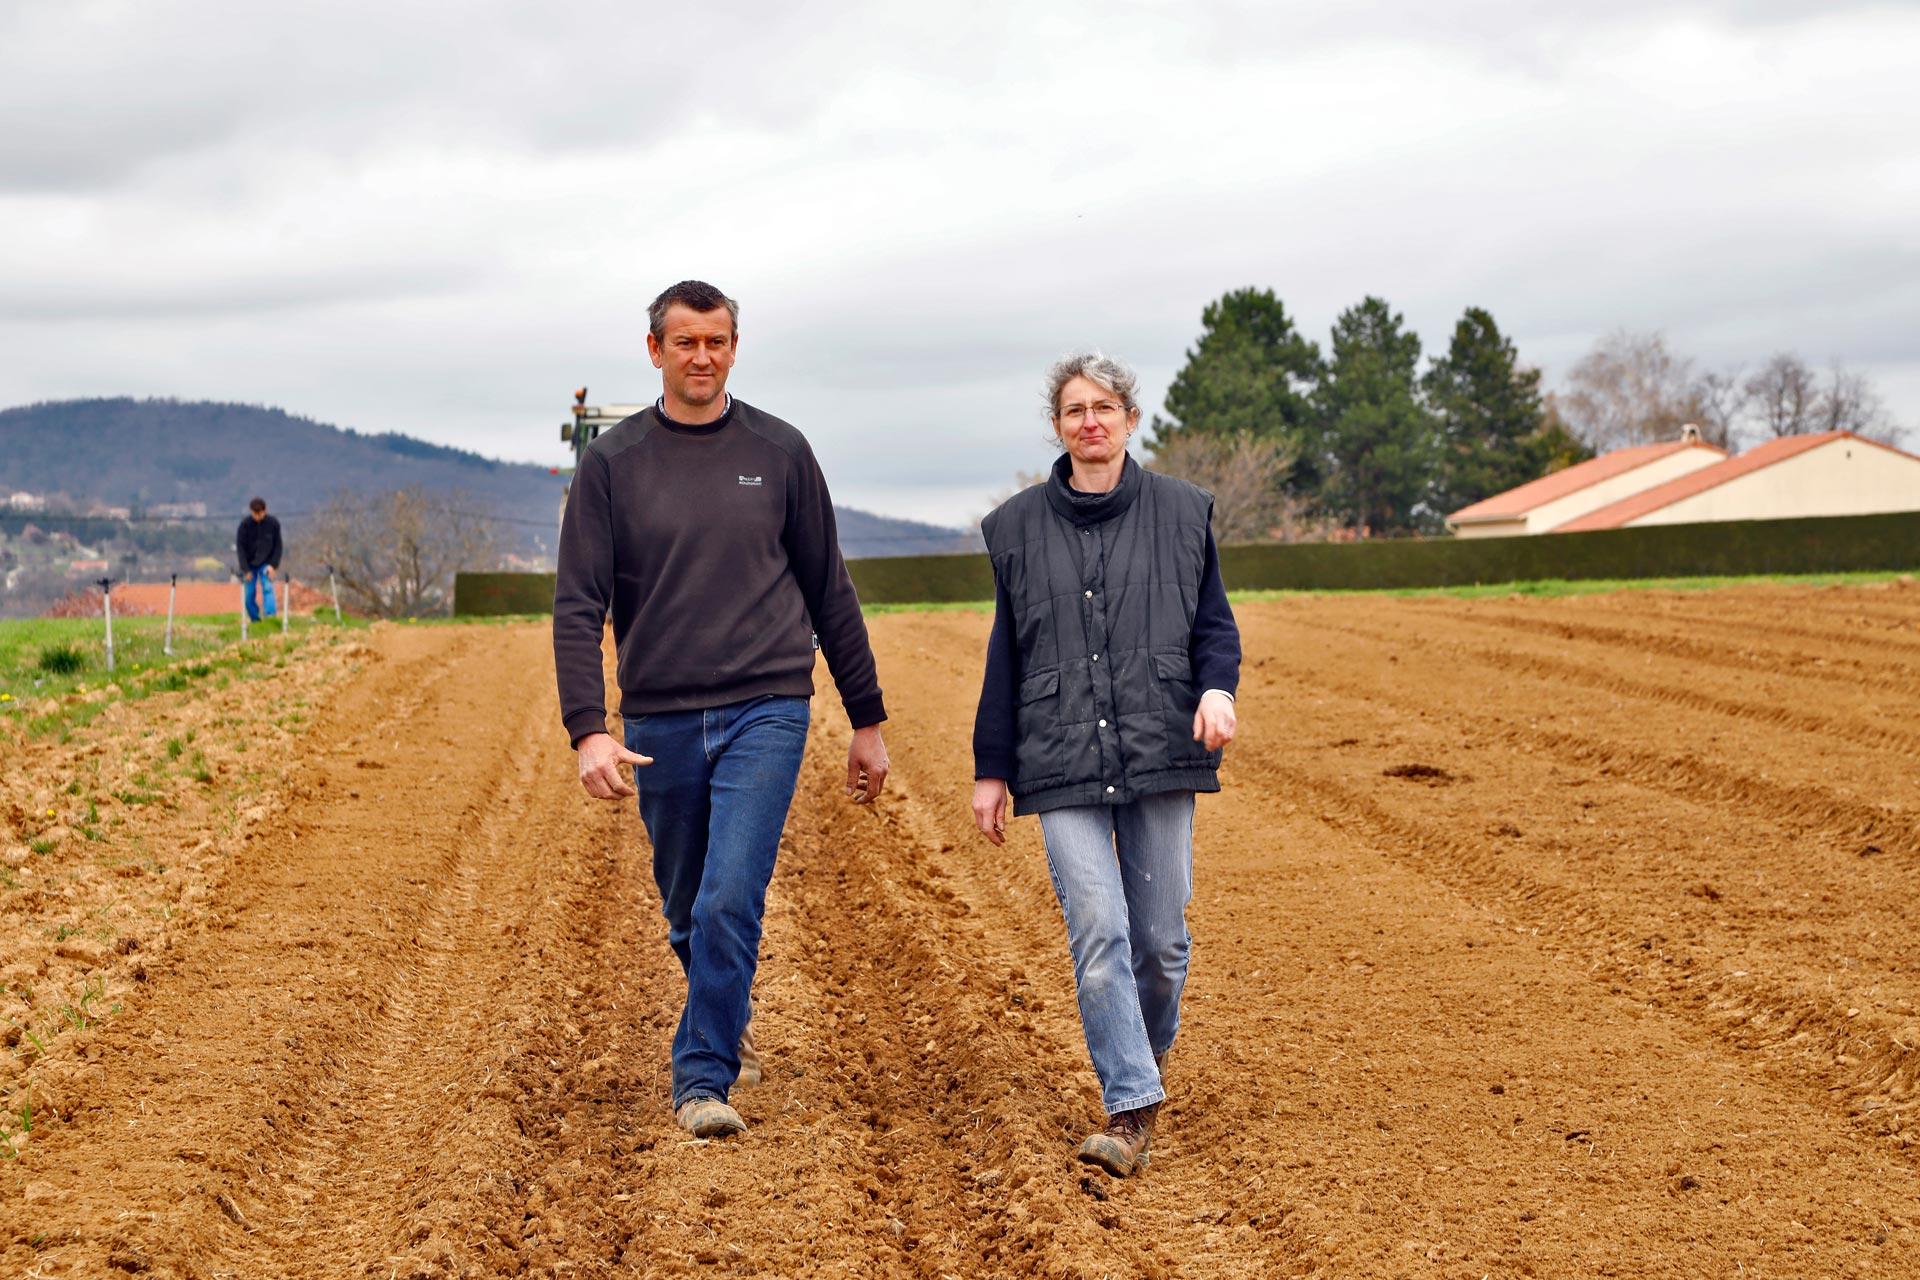 Les Délices du Maraicher Soupes Conserves Veloutés Sauces Bio AB Agriculuture Biologique